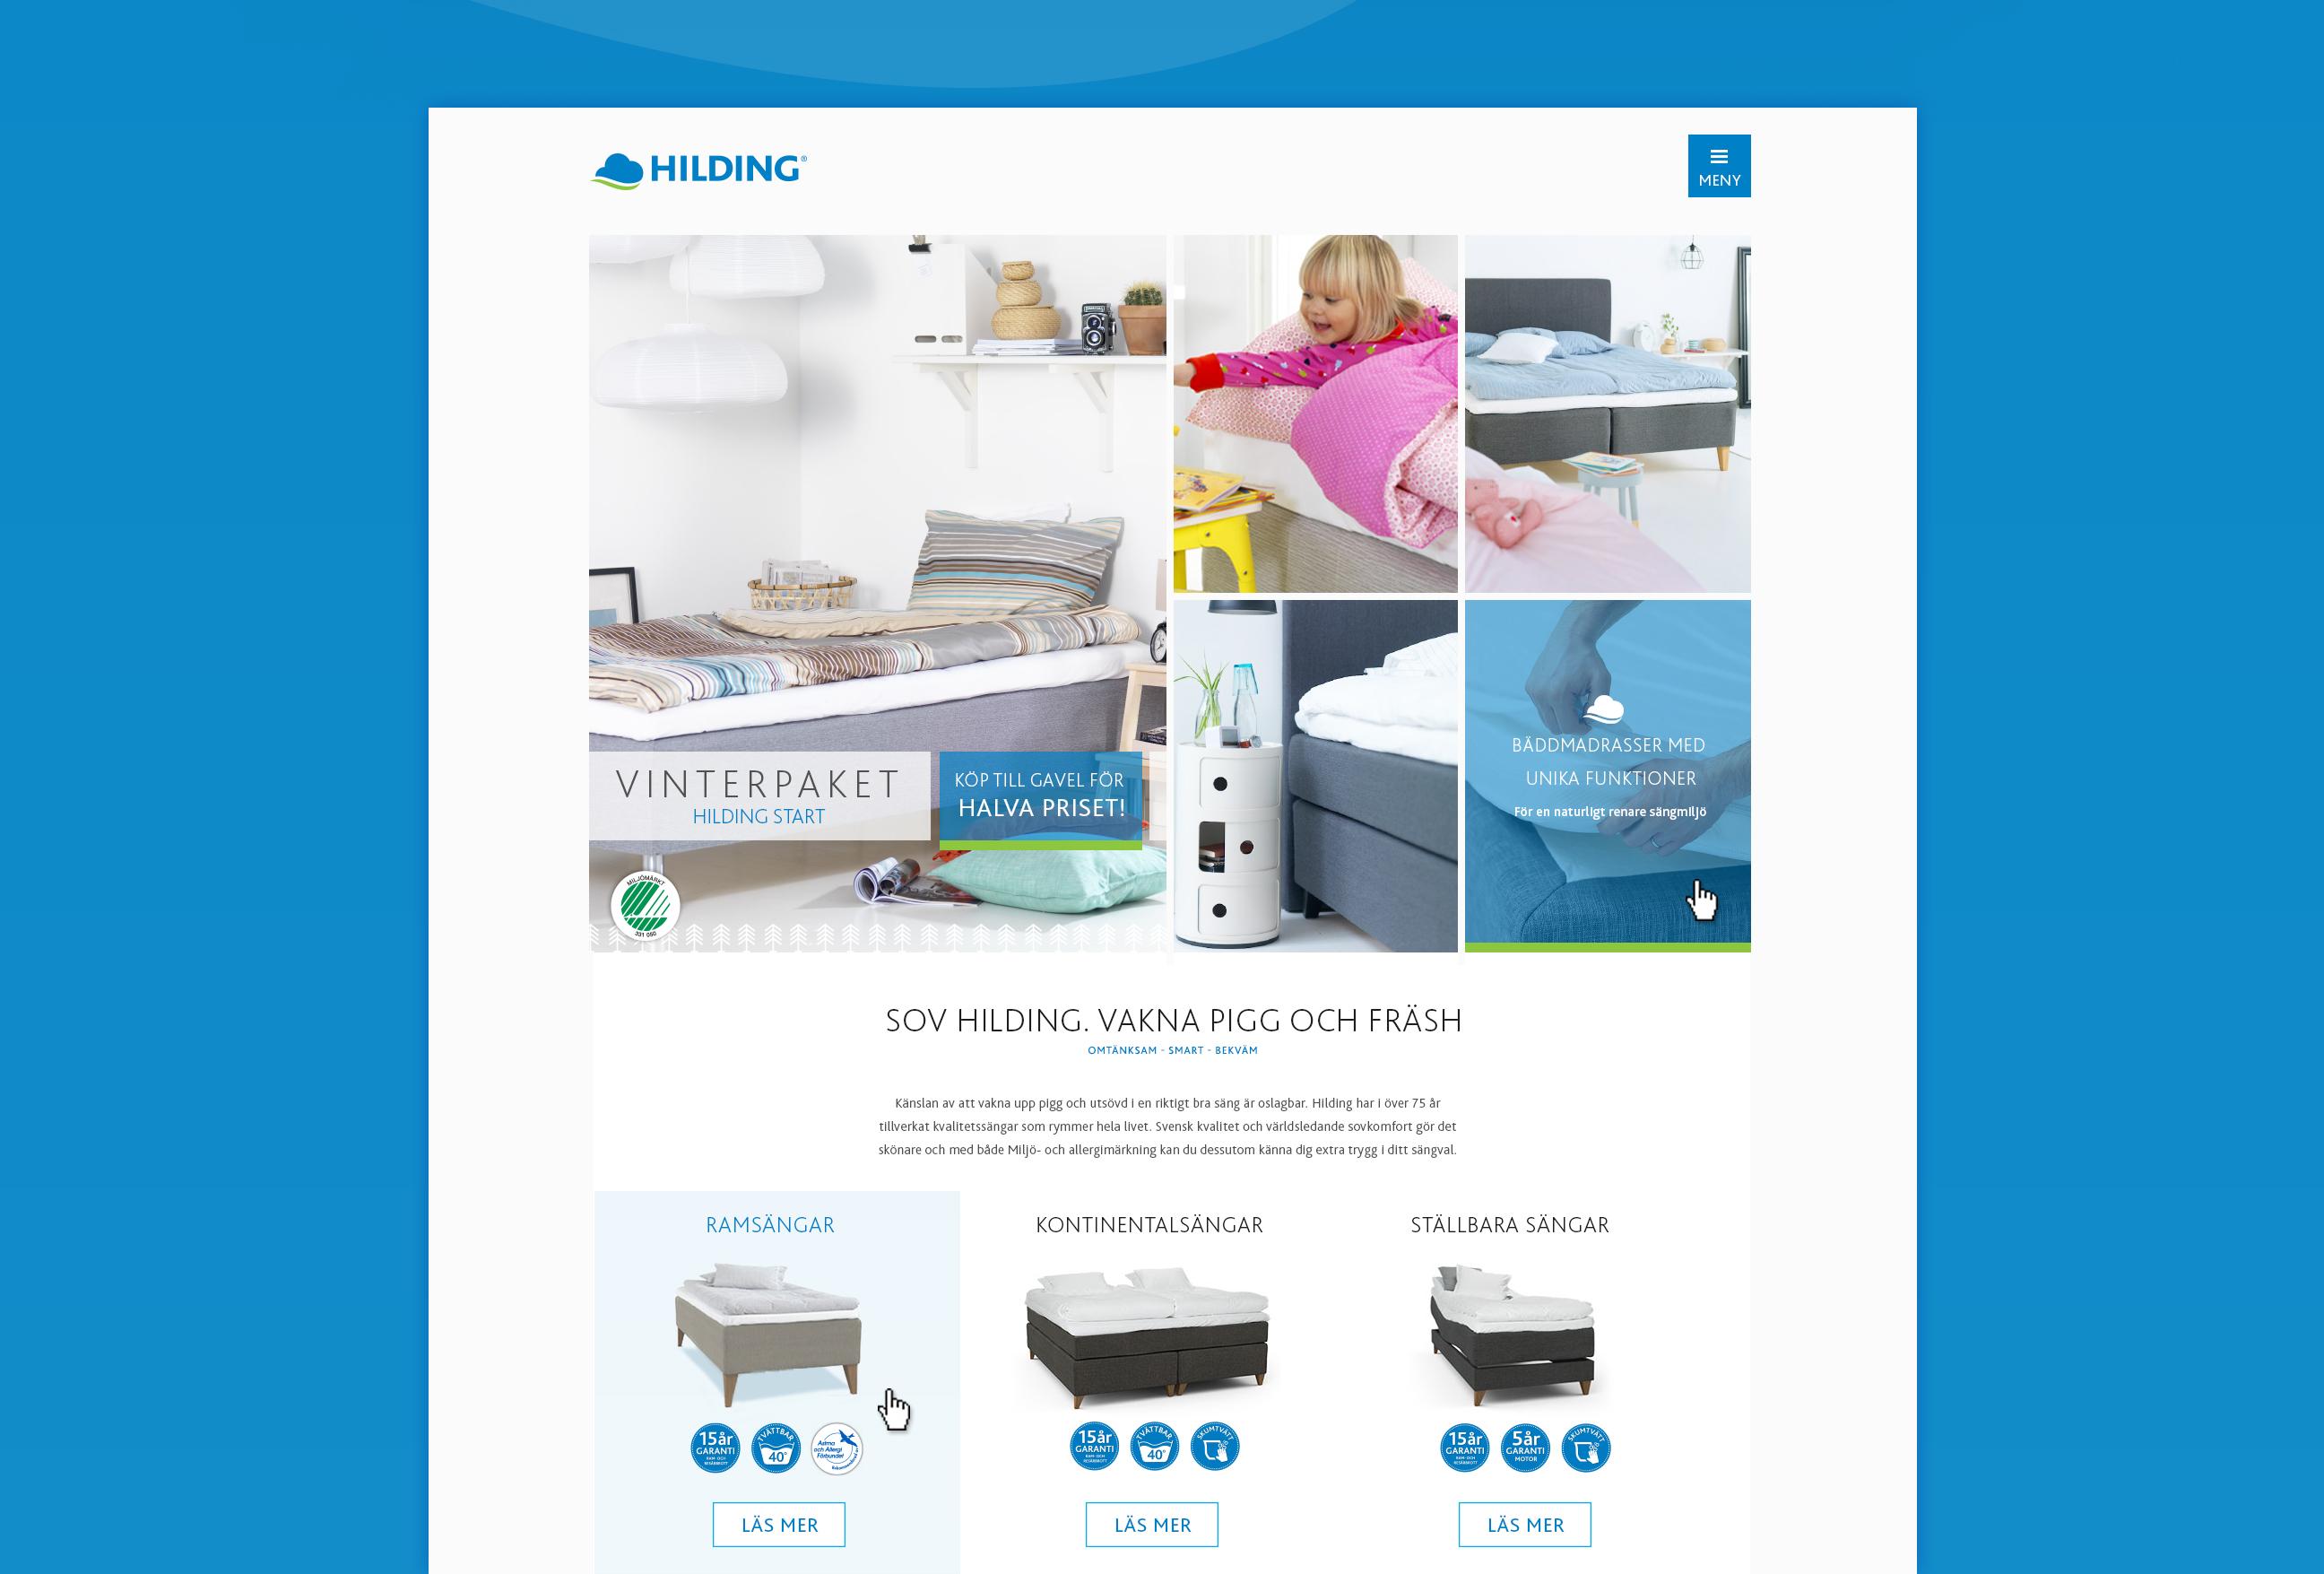 Hilding website design - jan 2015